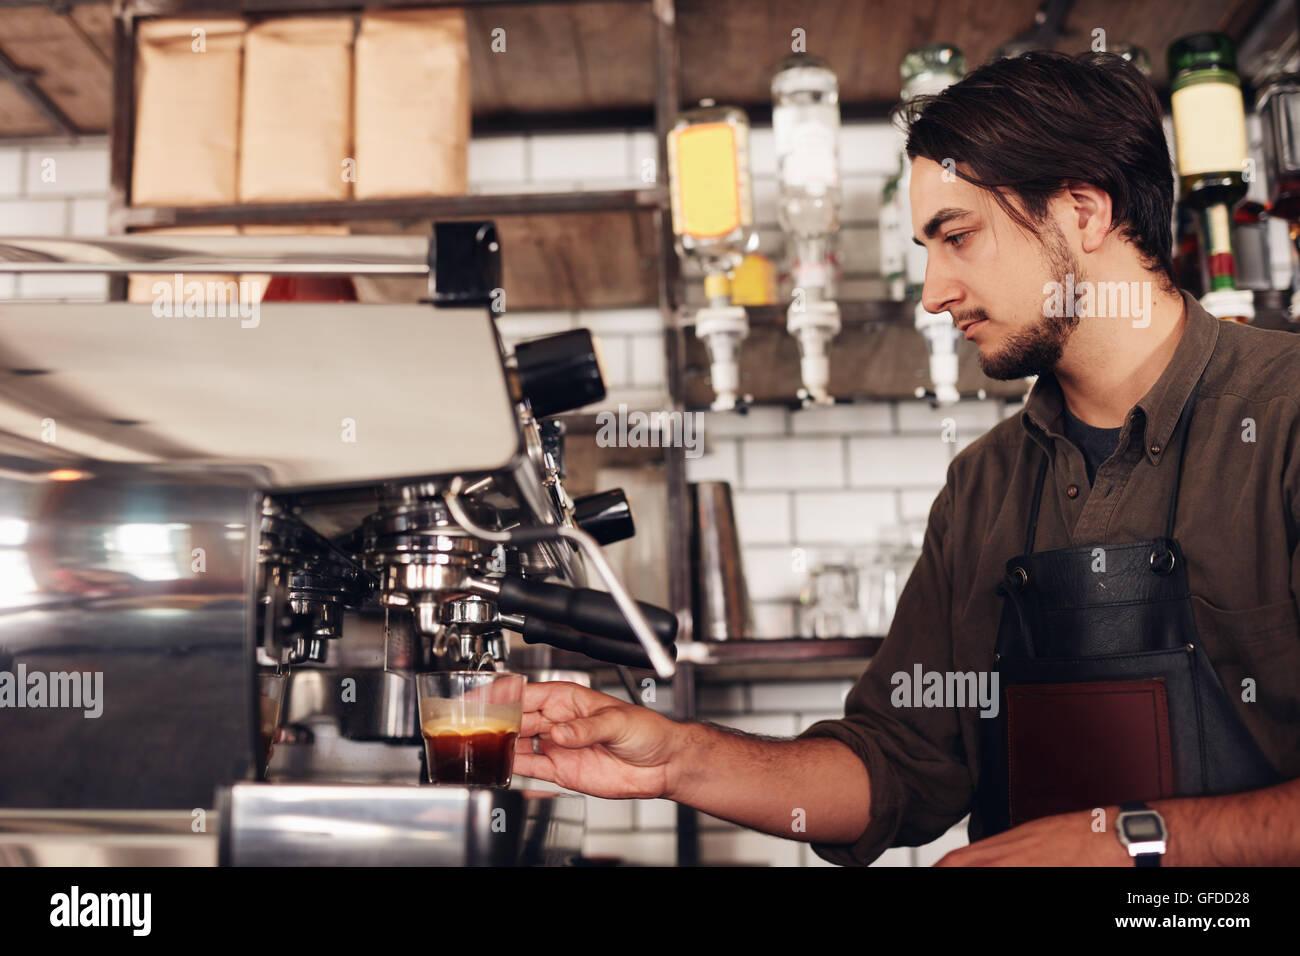 Vue latérale du barista espresso à préparer les hommes au café. Jeune homme de faire le café Photo Stock